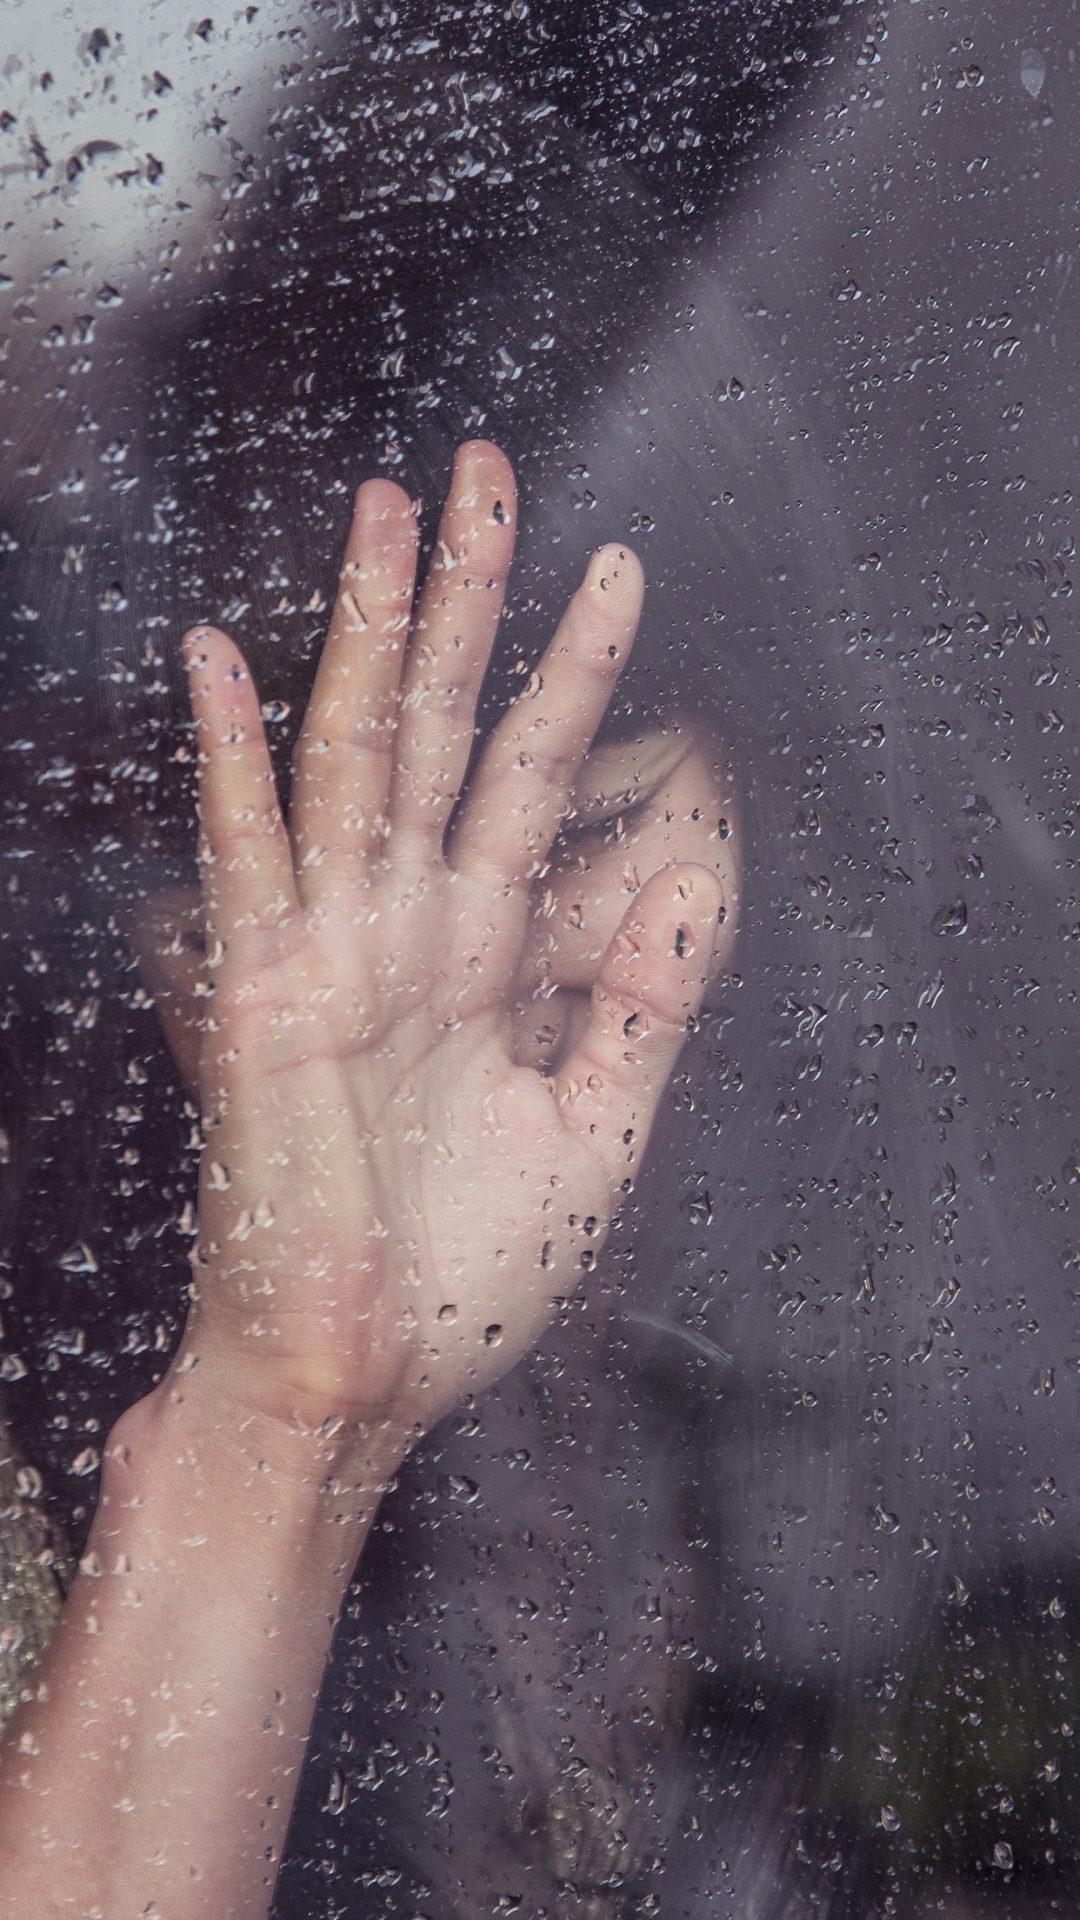 Rain Girl Shy Asian Nature